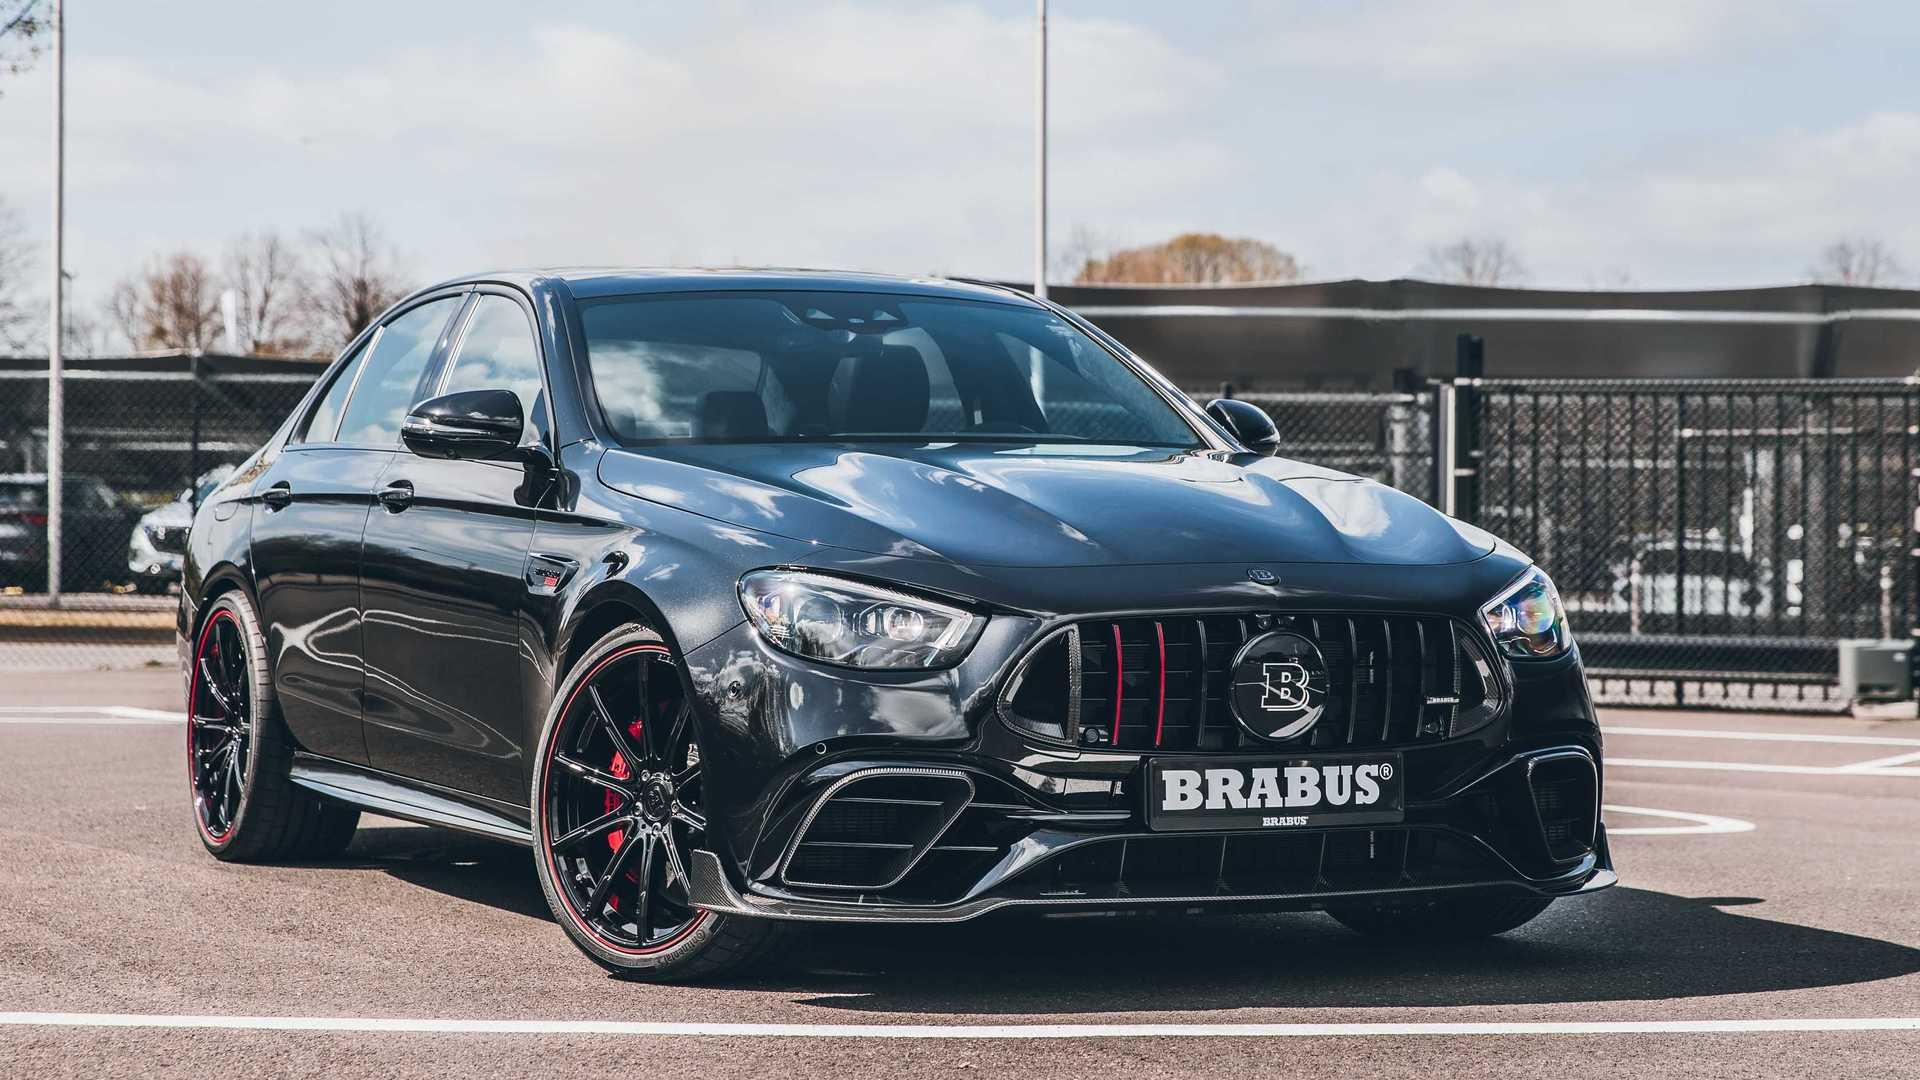 Так бывает: купит человек новенький Mercedes-AMG E 63 S 4MATIC+, а затем обнаружит на тест-драйве, что 612 «лошадей» – не та производительность, о которой мечтал столько времени. Тут на помощь придет Brabus 800.